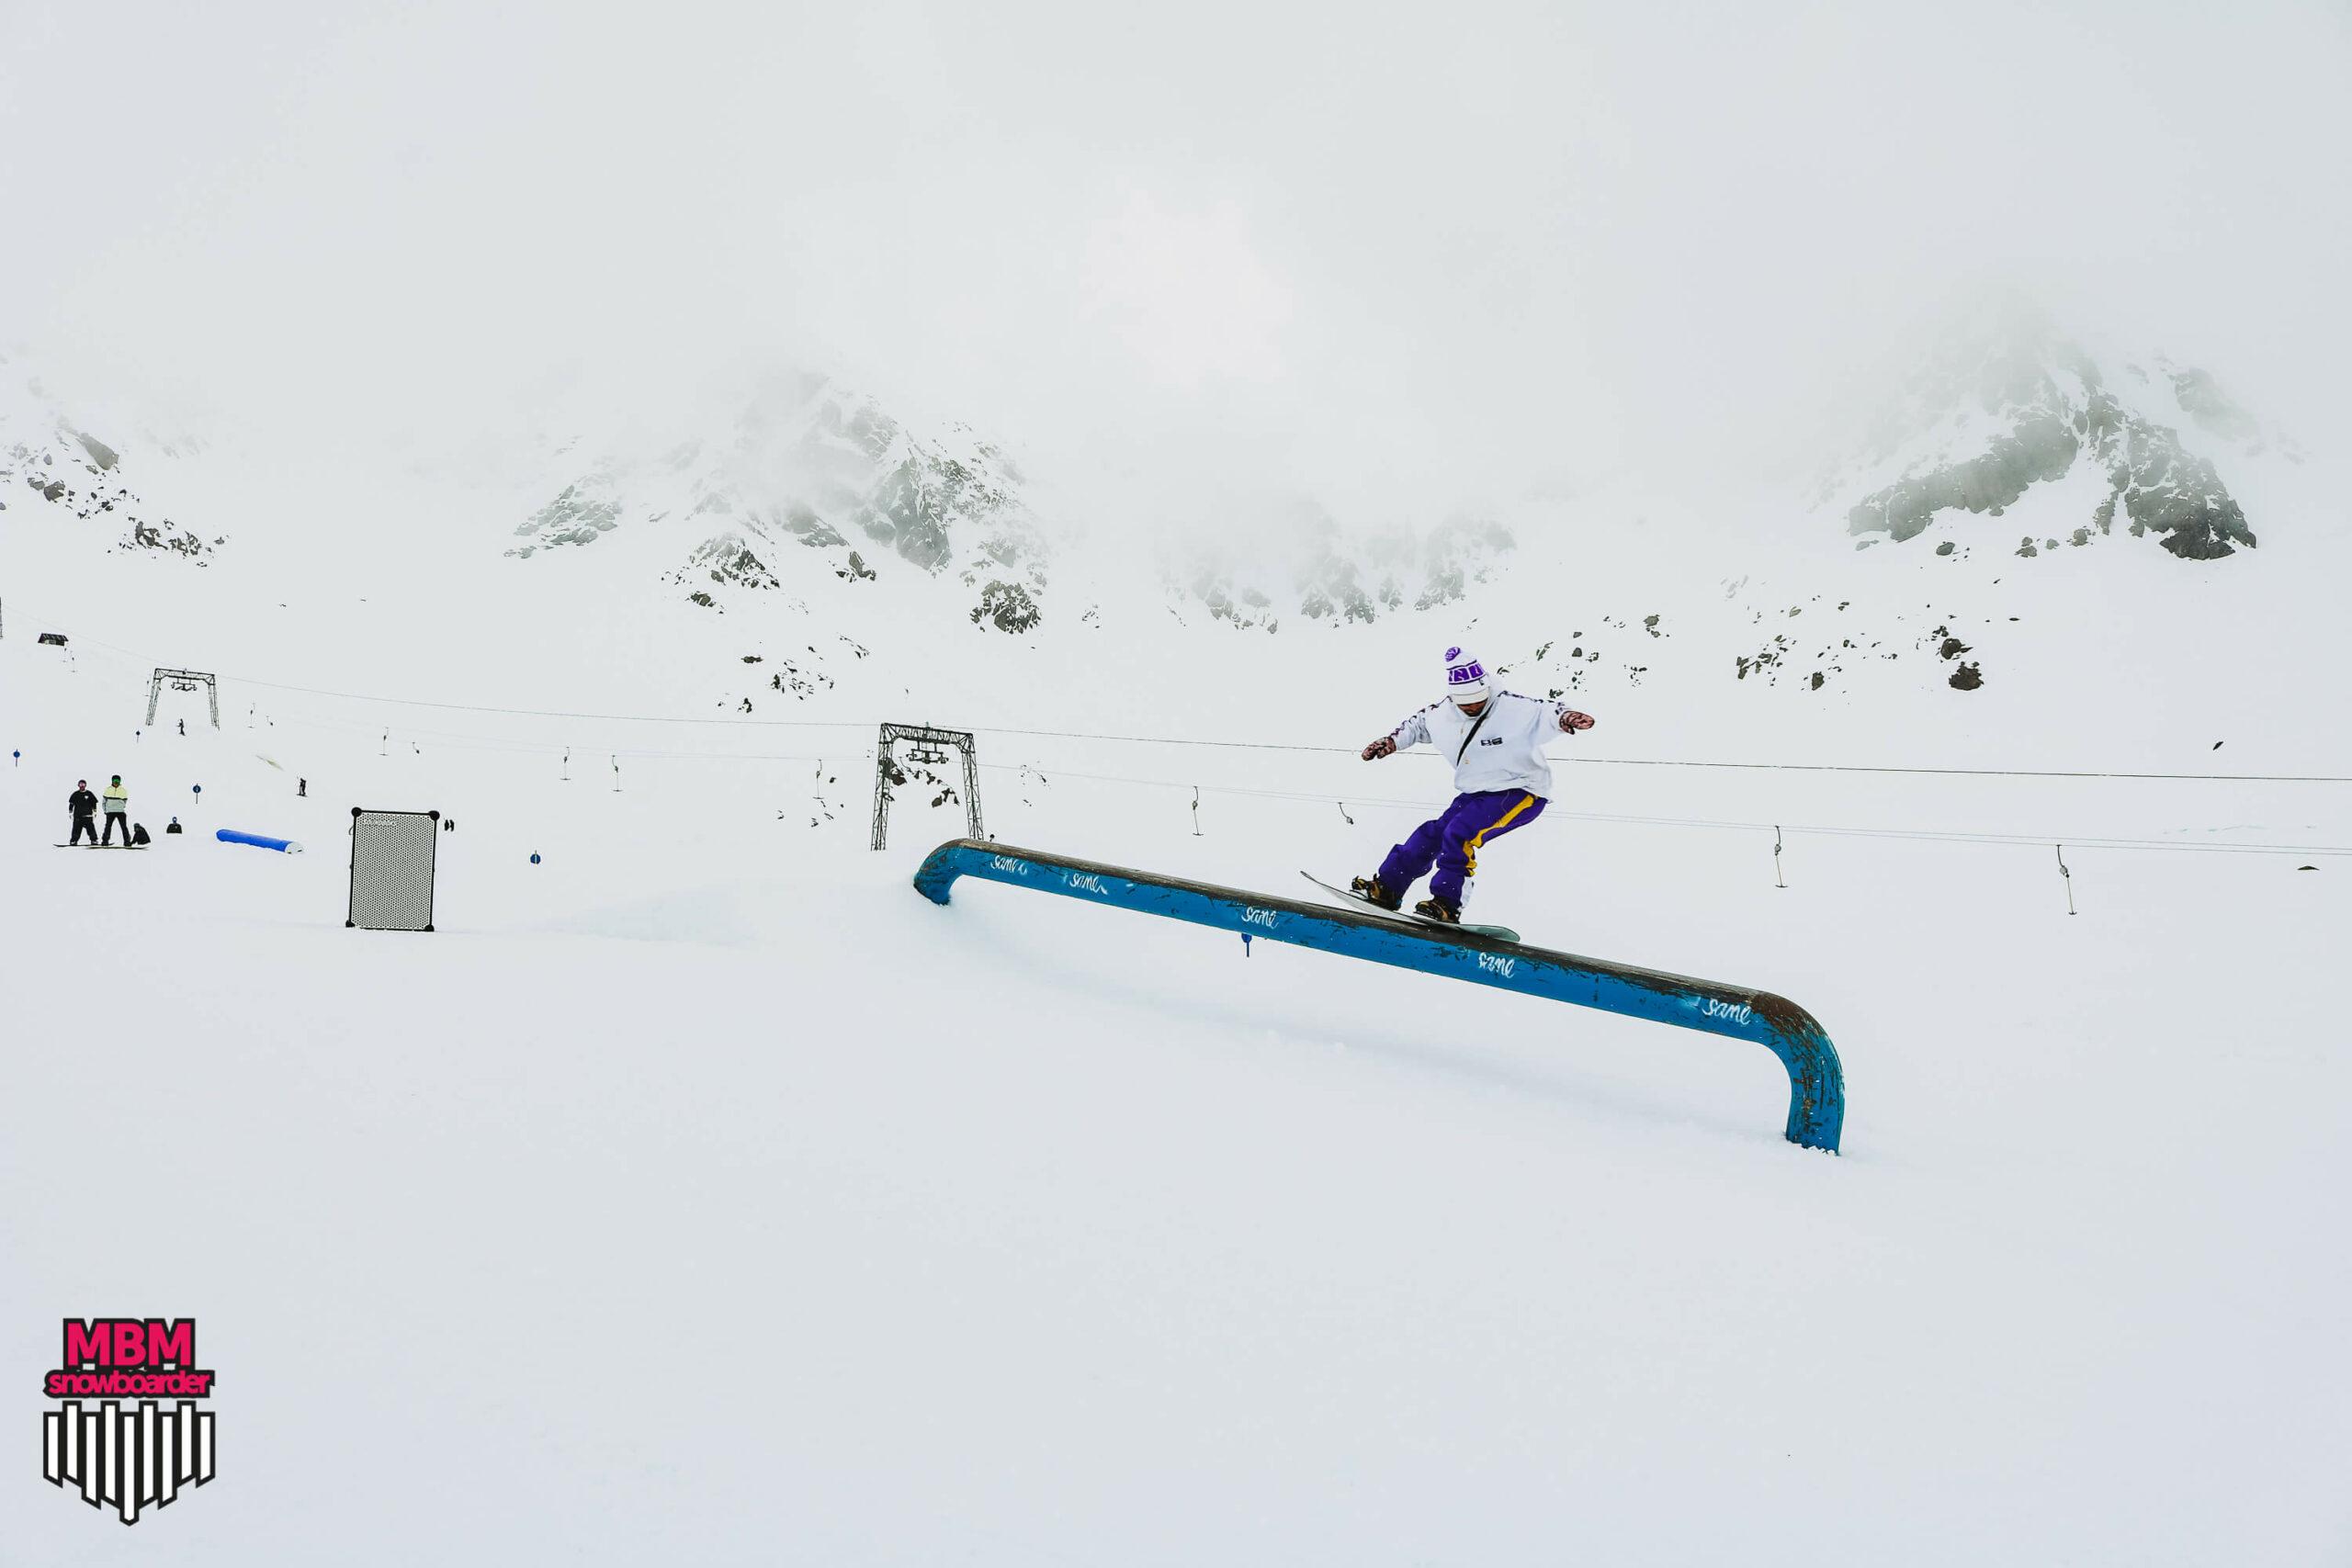 snowboarderMBM_sd_kaunertal_090